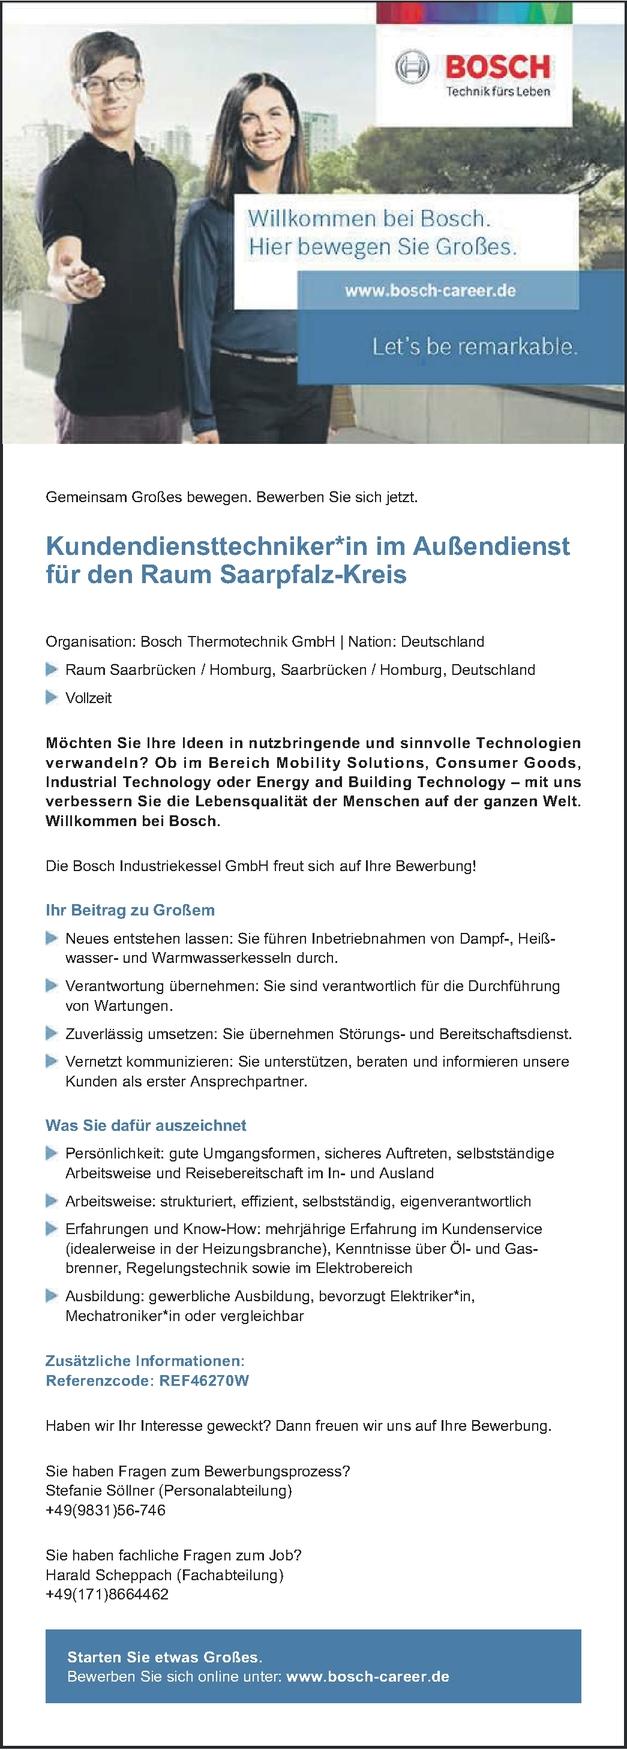 Kundendiensttechniker/in